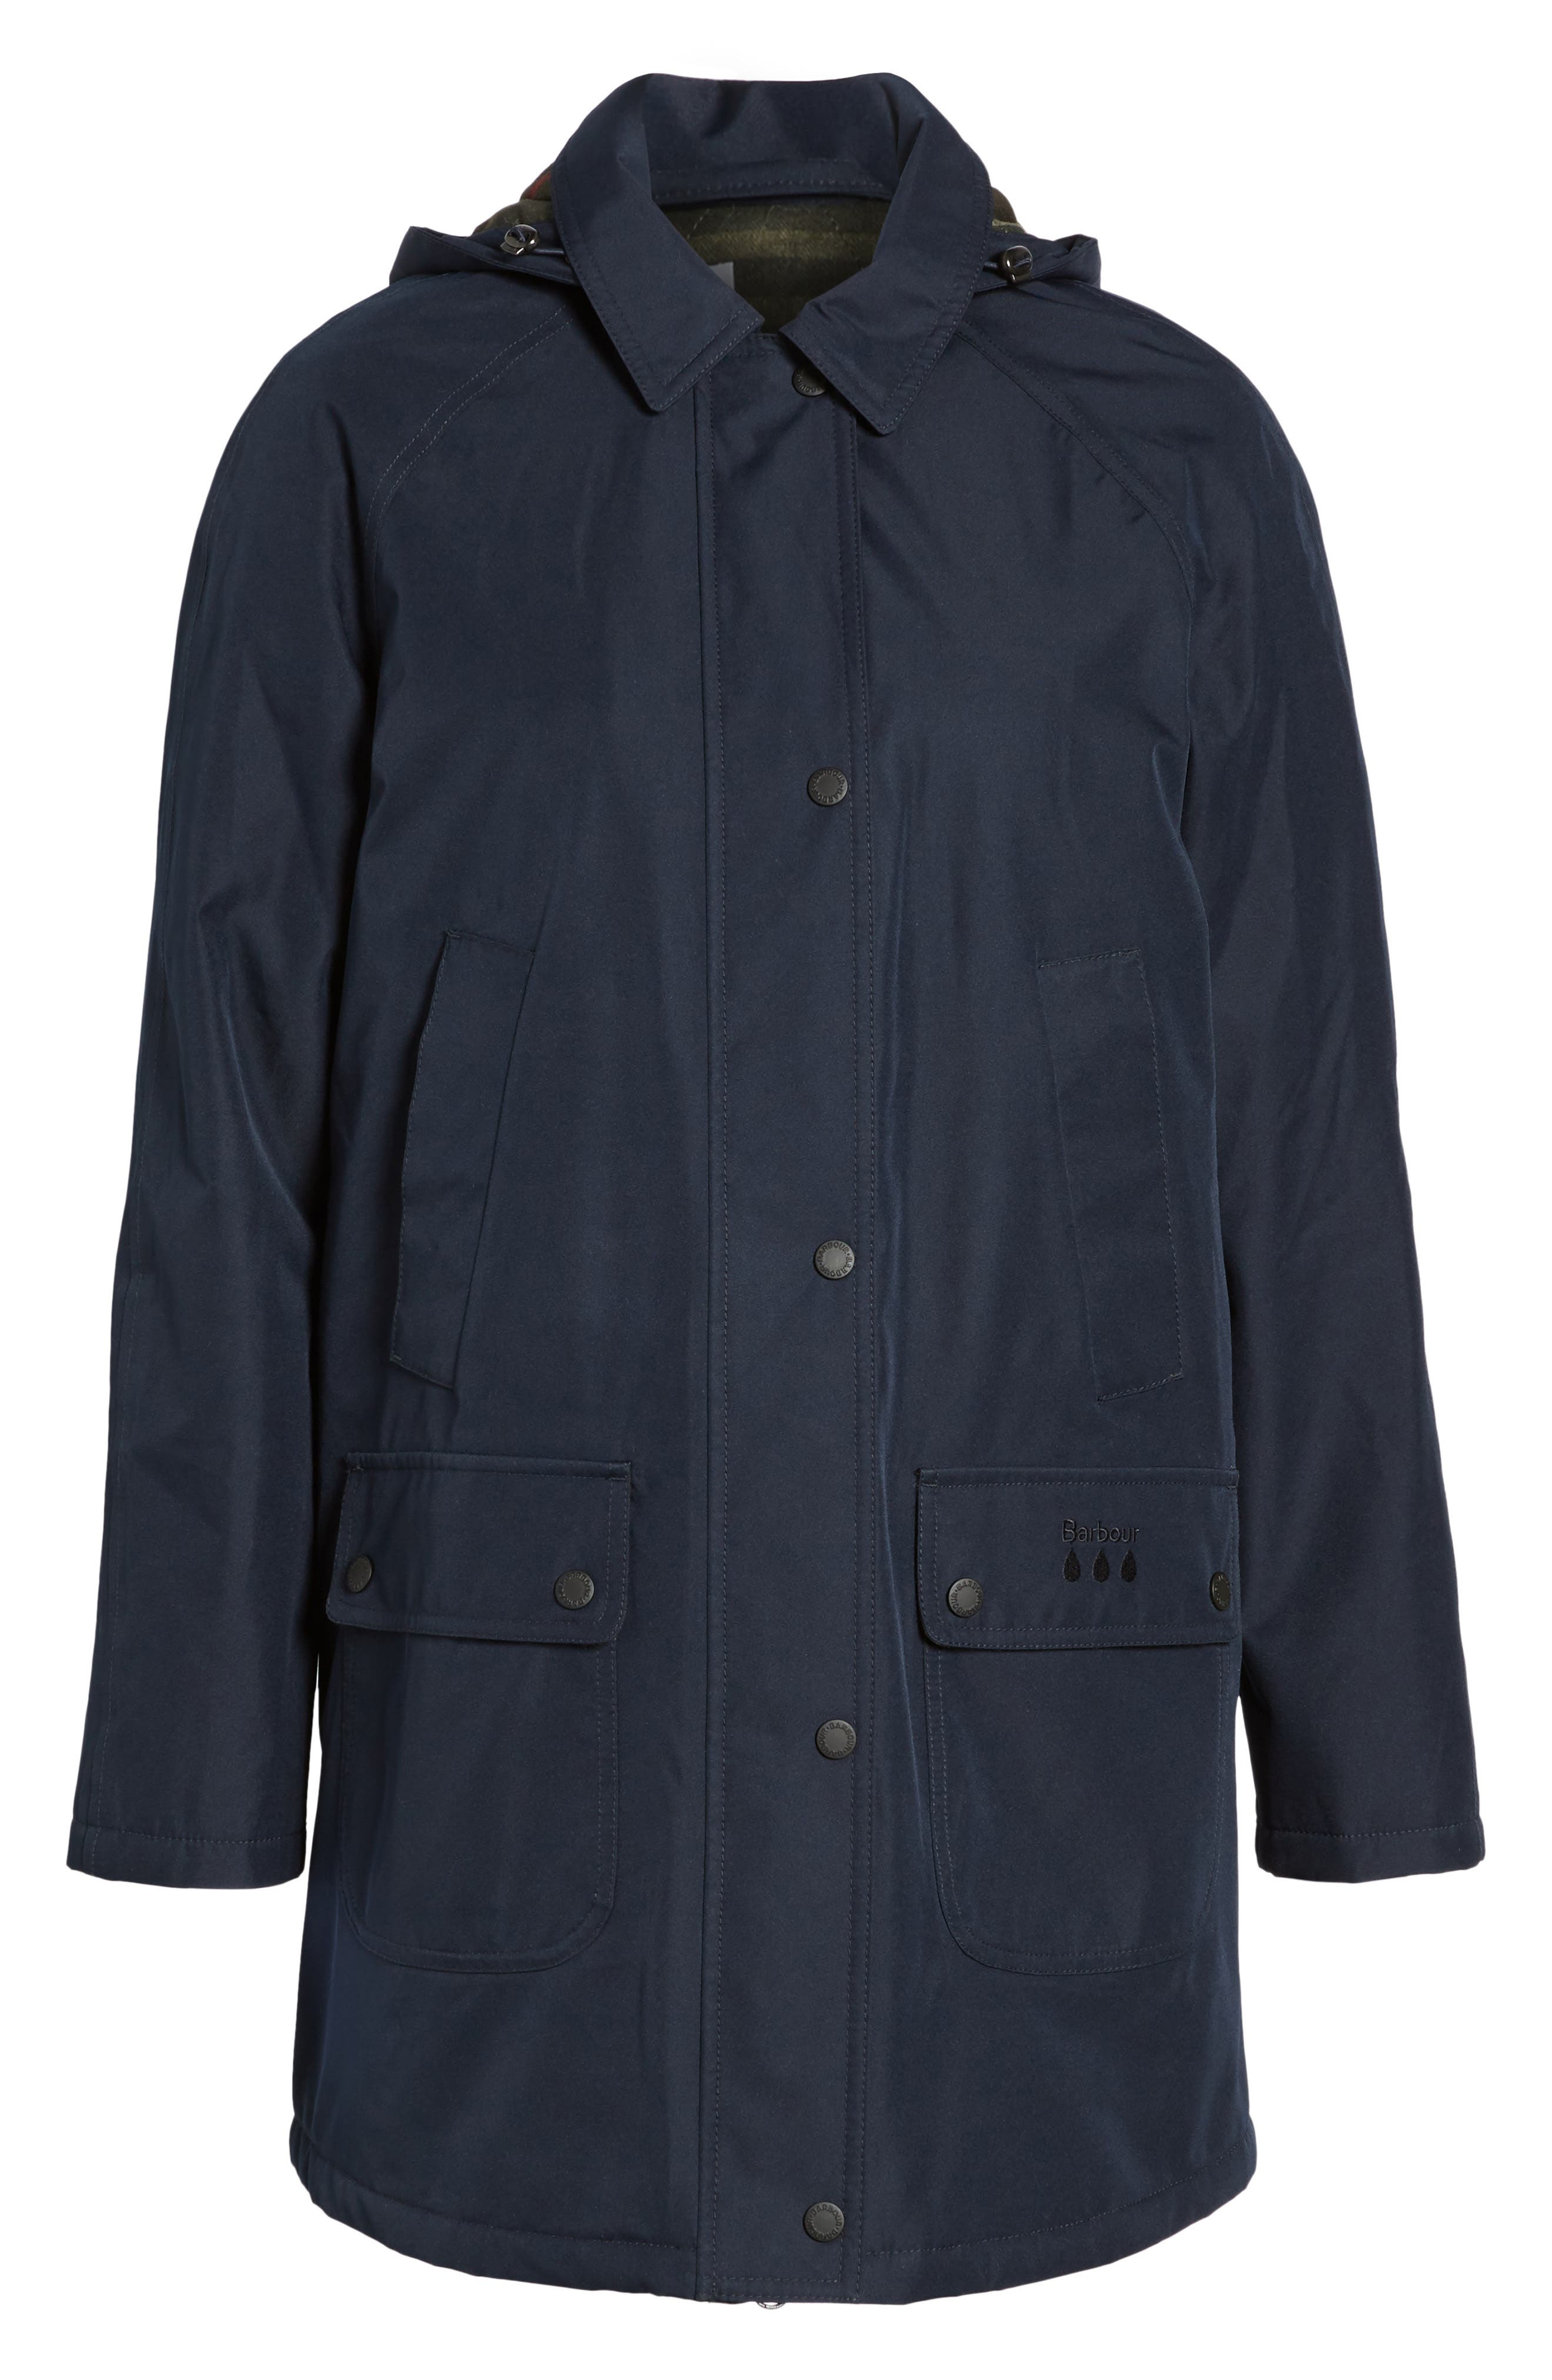 Whirl Waterproof Hooded Jacket,                             Alternate thumbnail 5, color,                             410